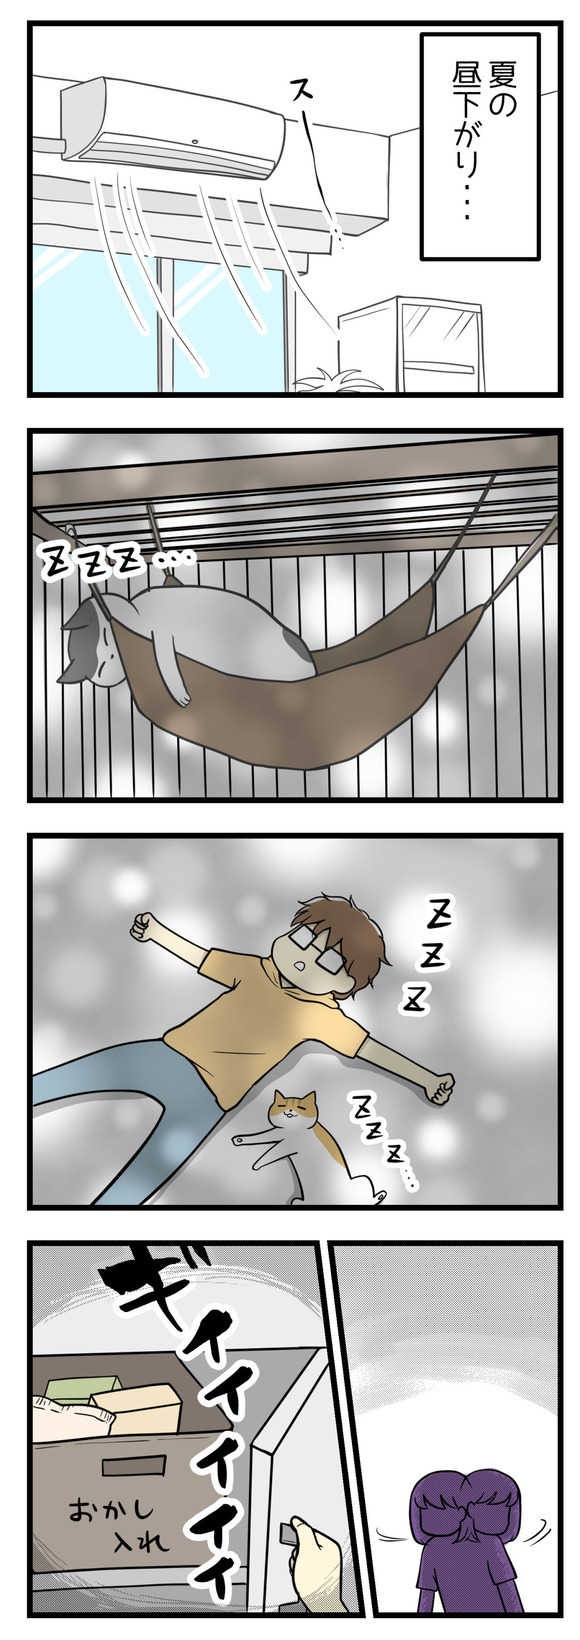 とある夏の昼のこと。猫のヤタさんがハンモックで寝ていて・・・夫のリロさんと猫のナギが一緒に寝ていて・・・エアコンの効いた部屋で静かな昼下がり。そんな中私はこっそりお菓子の入った棚をあけて